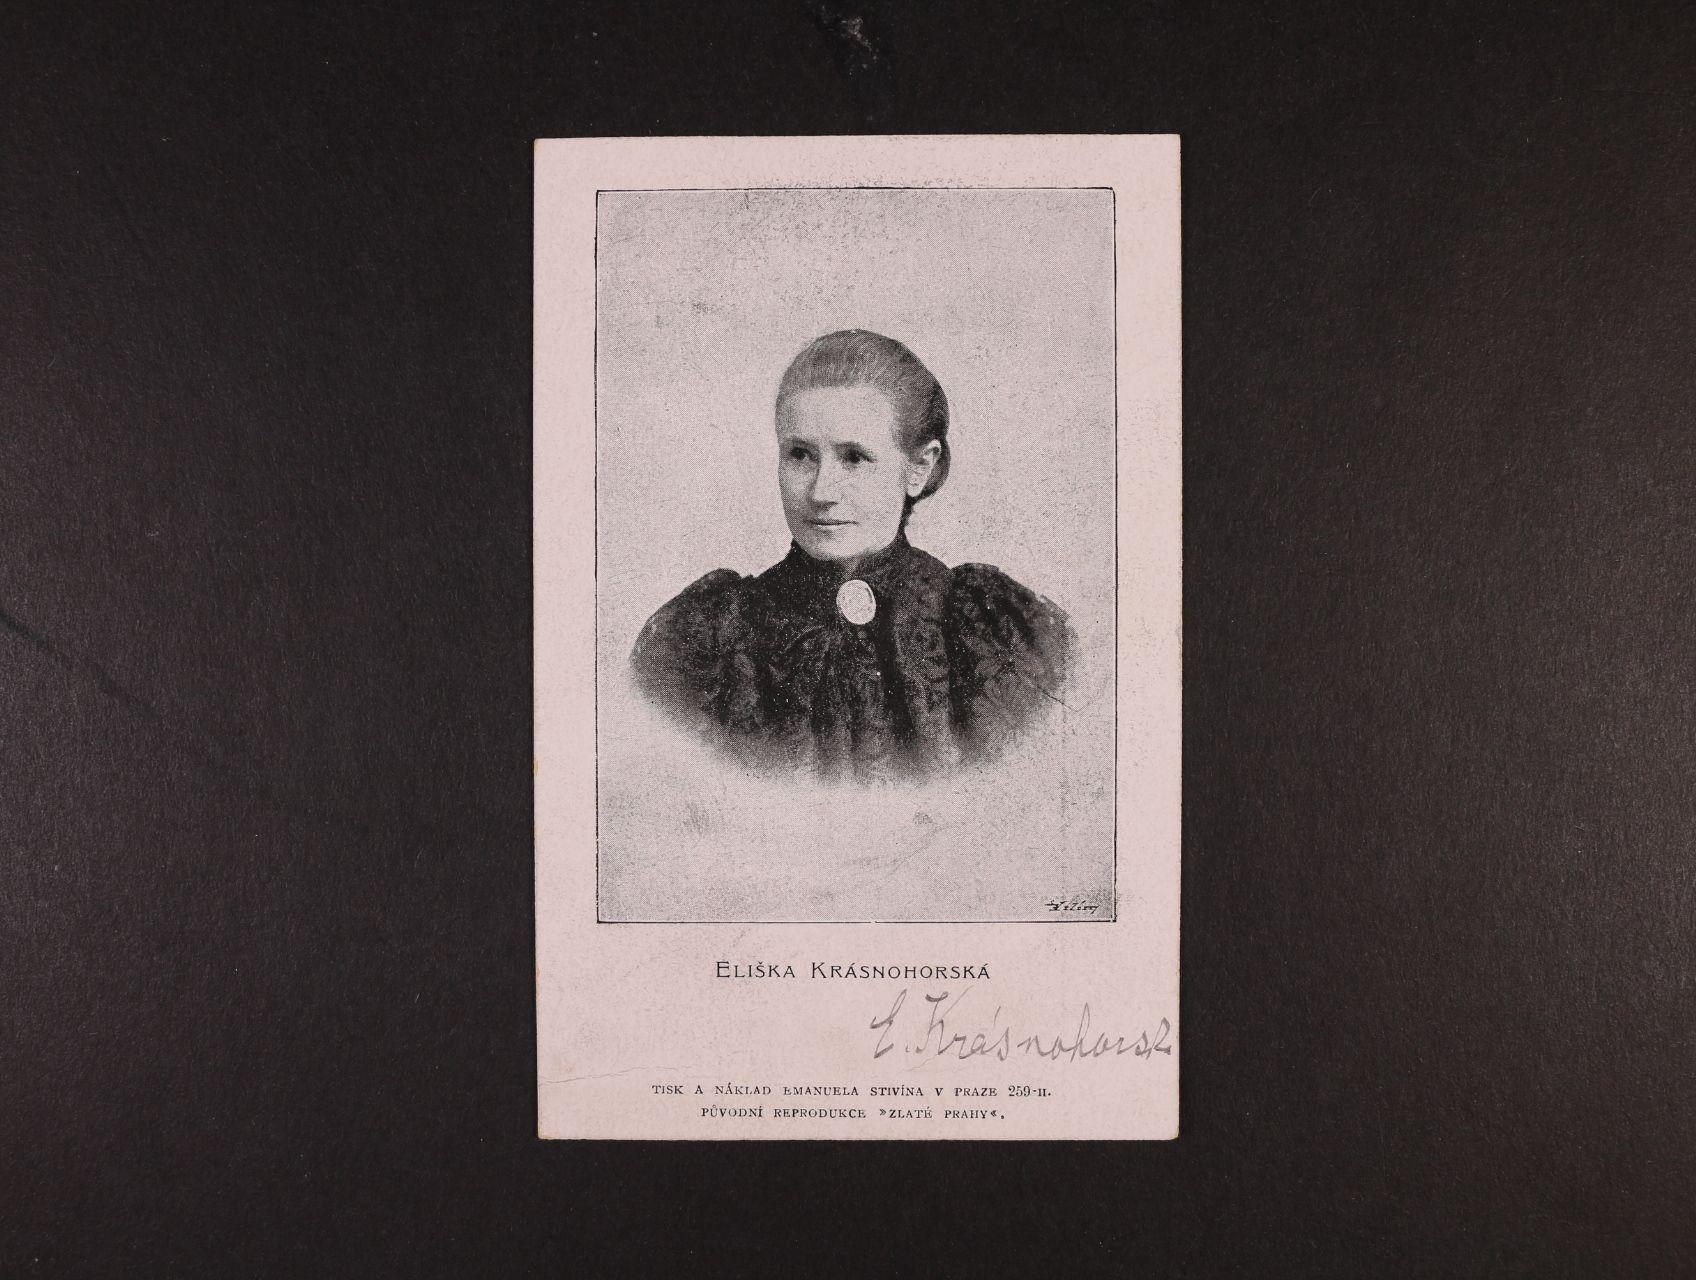 Krásnohorská Eliška, vl. jménem Pechová Alžběta 1847 - 1926, spisovatelka, básnířka a překladatelka - pohlednice s podobiznou a vlastnoručním podpisem